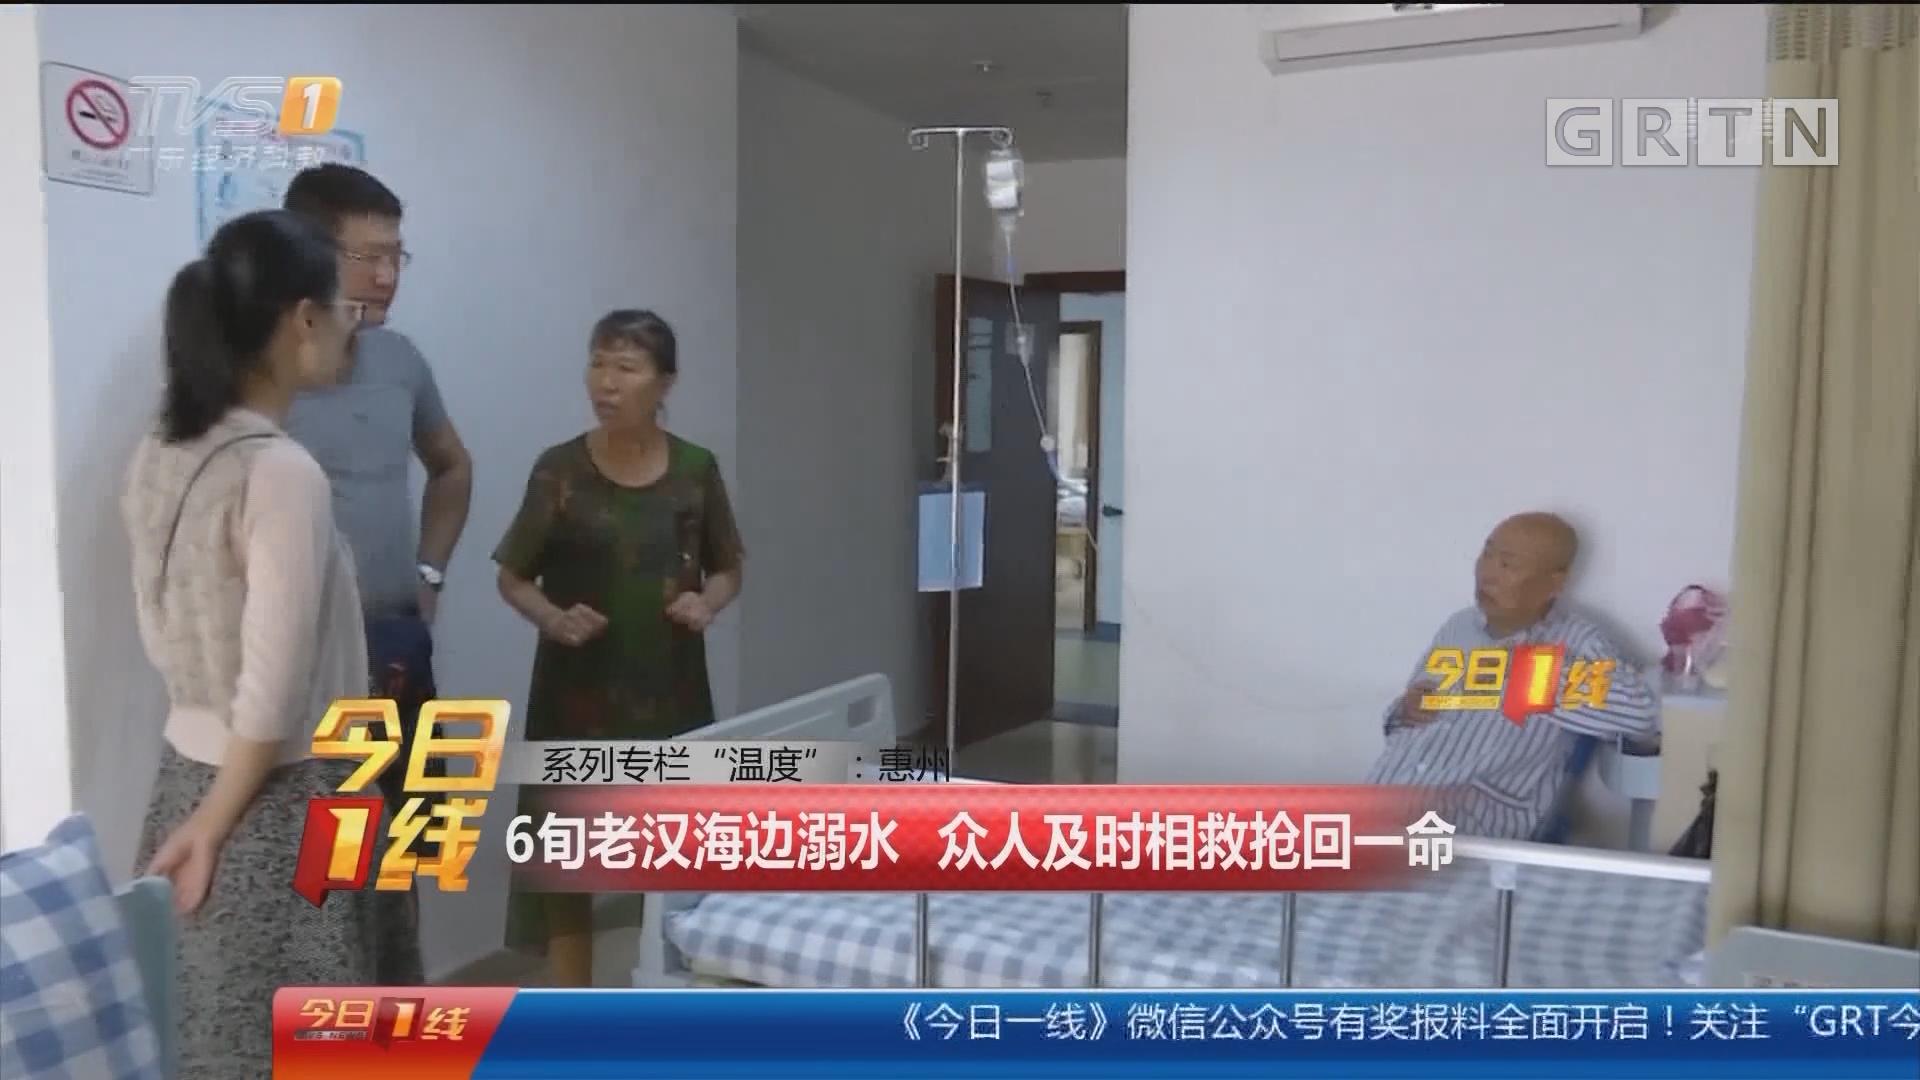 """系列专栏""""温度"""":惠州 6旬老汉海边溺水 众人及时相救抢回一命"""